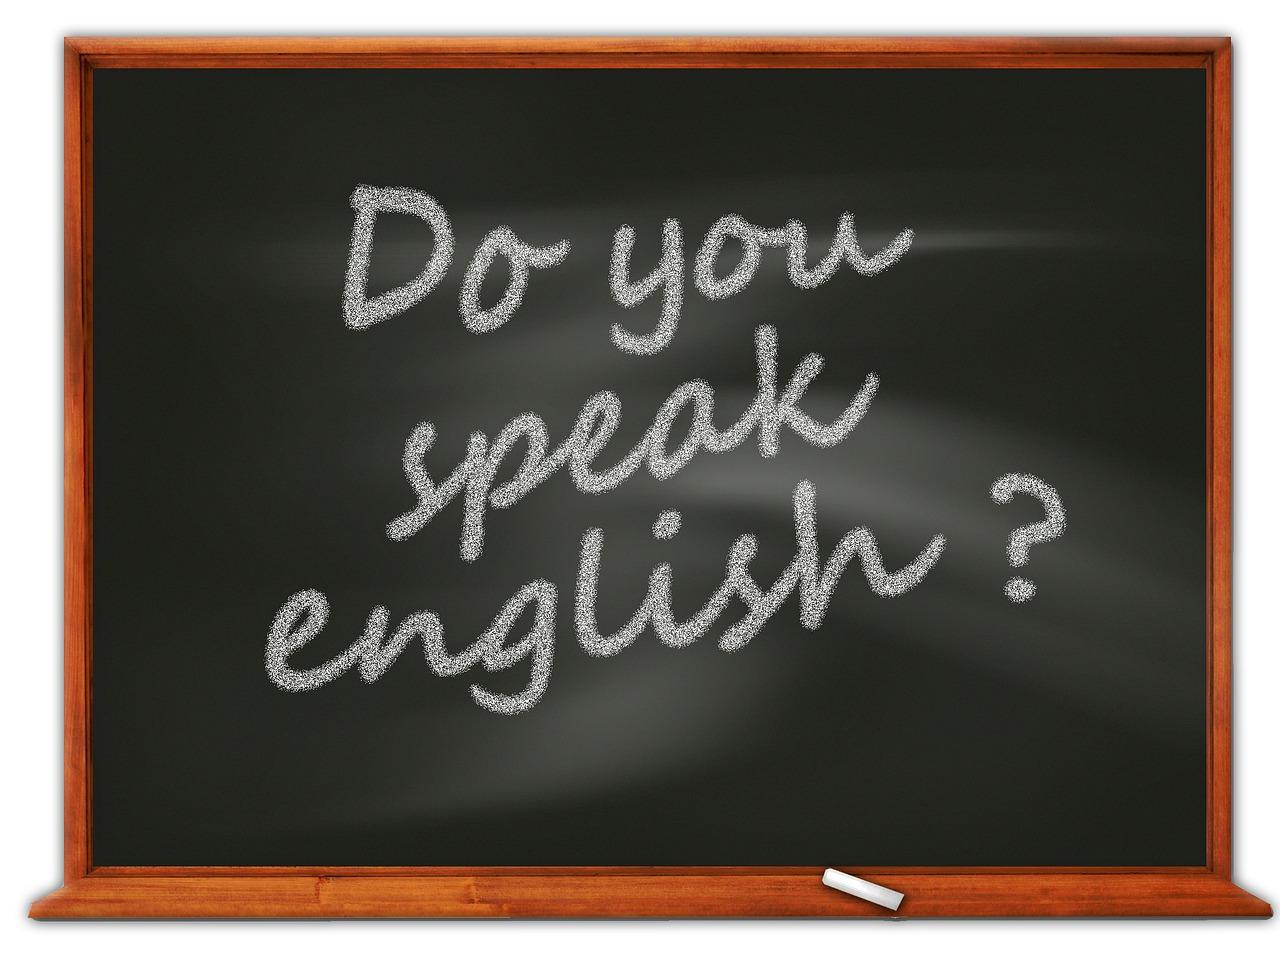 Nauka języka dla zielonych. Lekcje angielskiego przez internet – nauka języka angielskiego online dla początkujących. Nauka słówek angielskich online